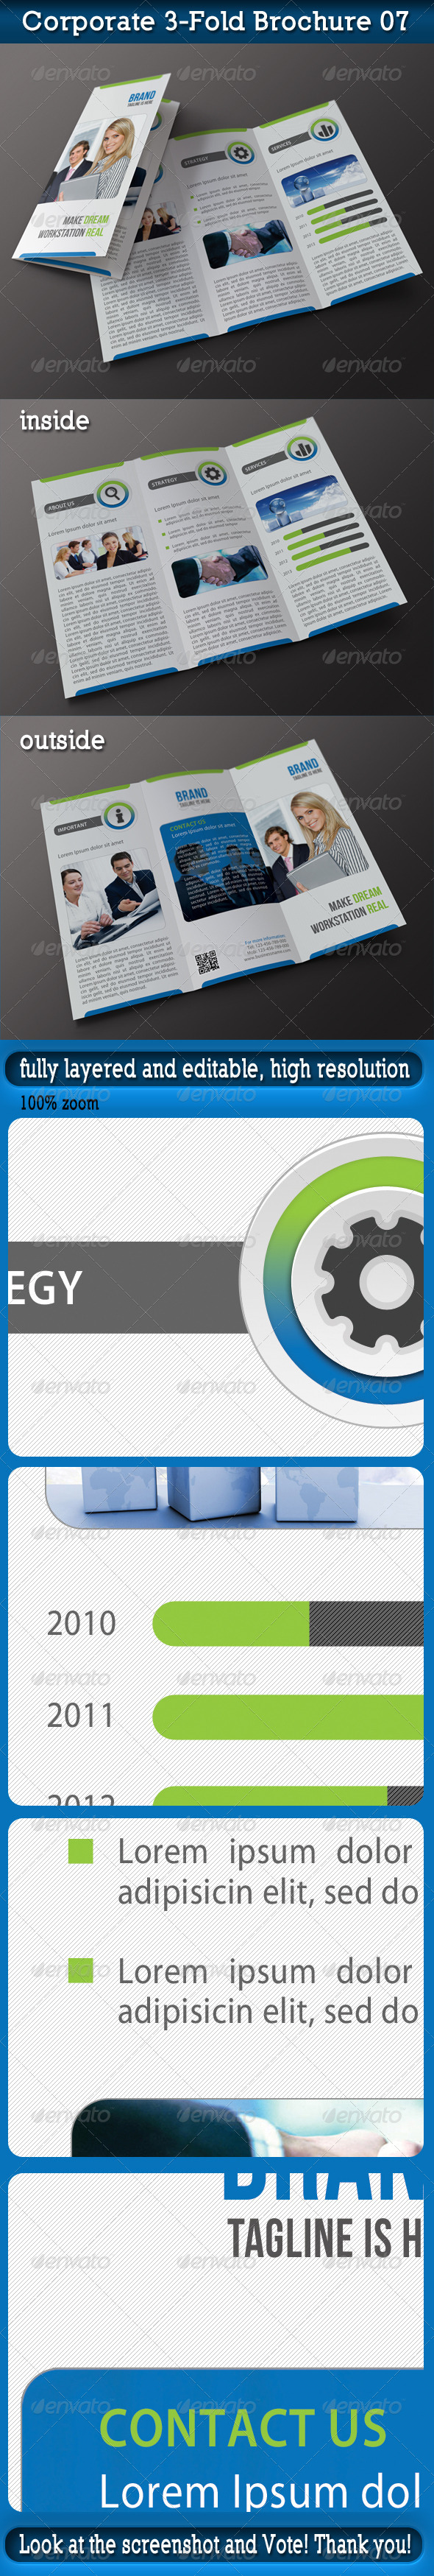 Corporate 3-Fold Brochure 07